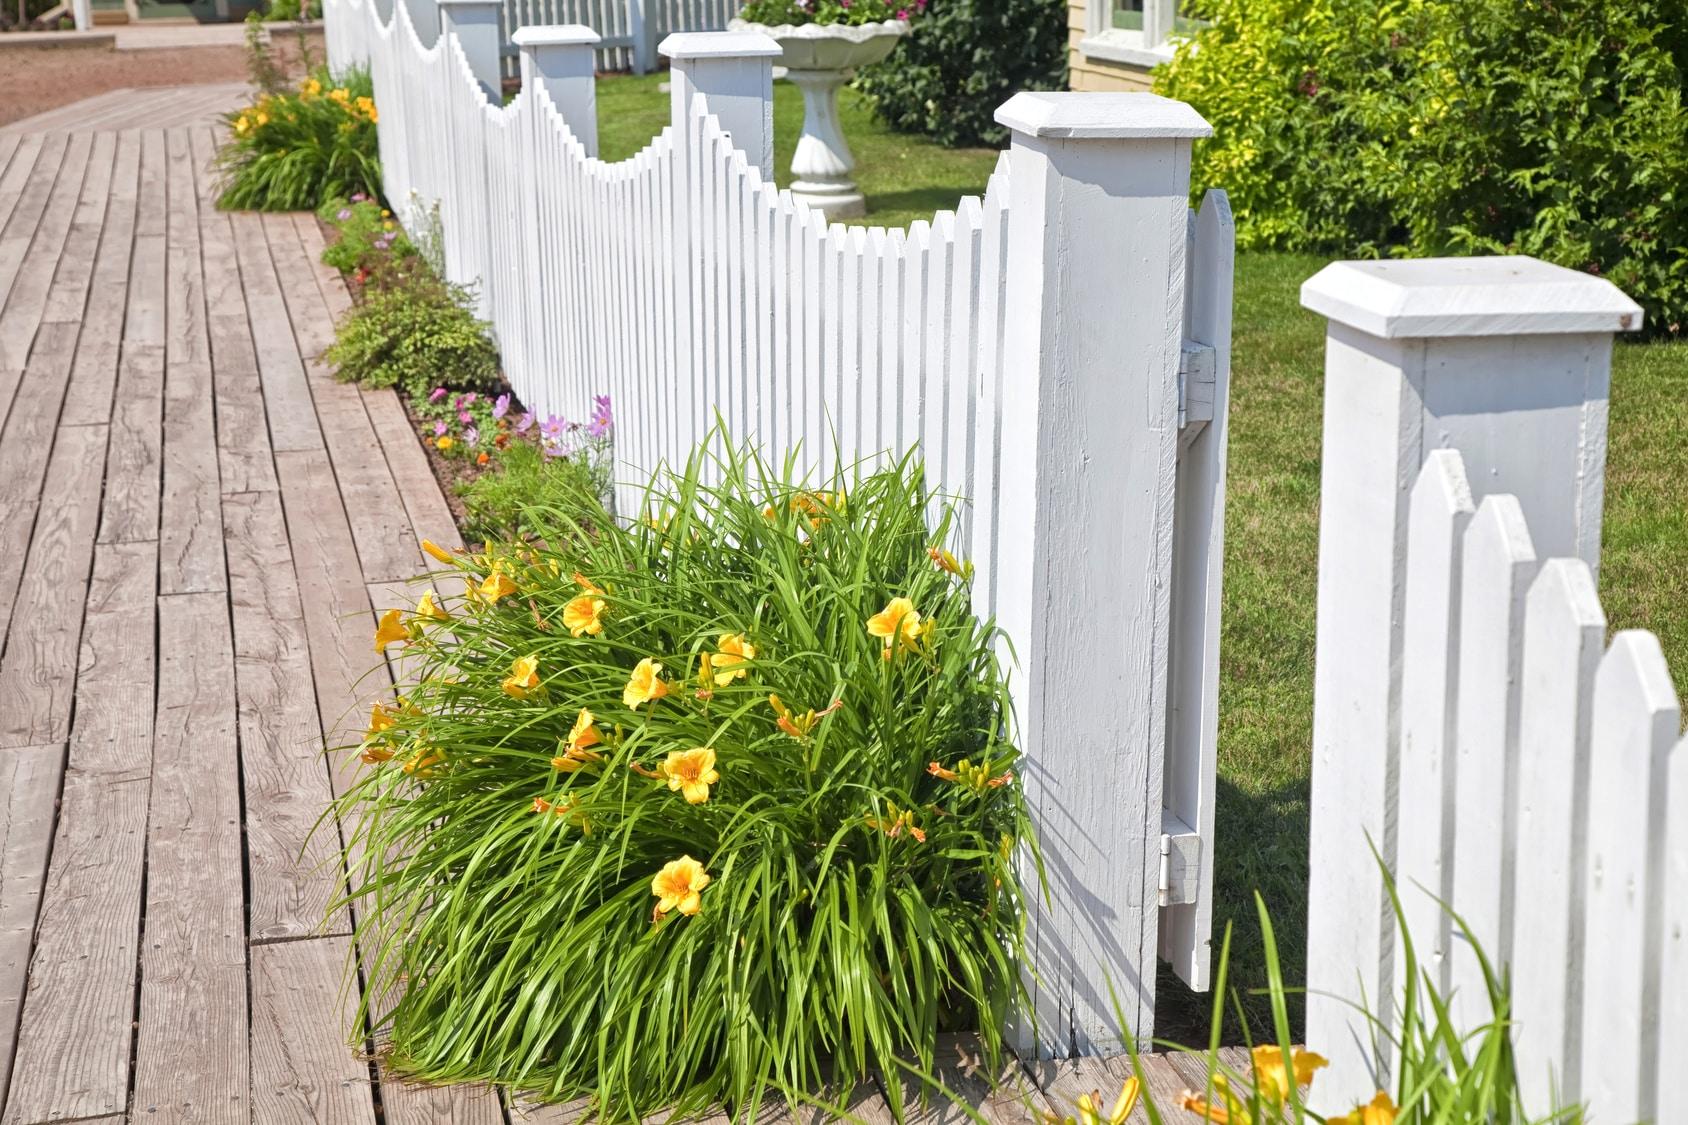 Les types de barri res pour un jardin le comparatif for Electricite exterieur jardin